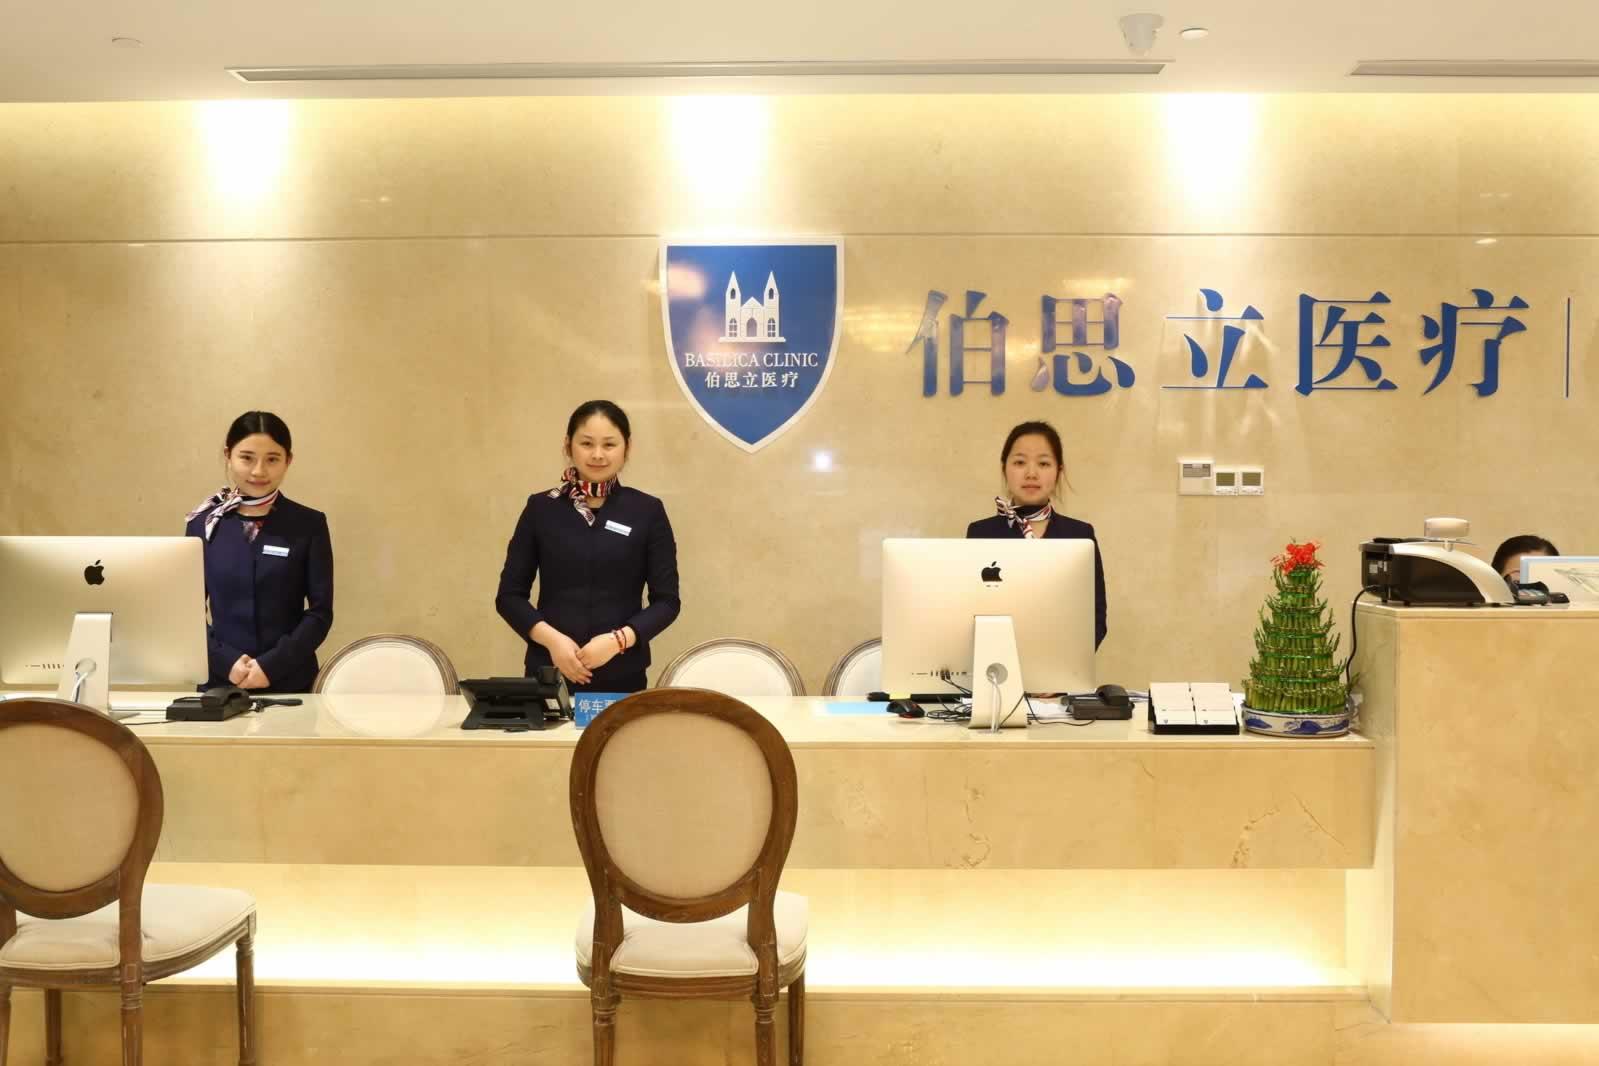 上海有哪些整形医院?